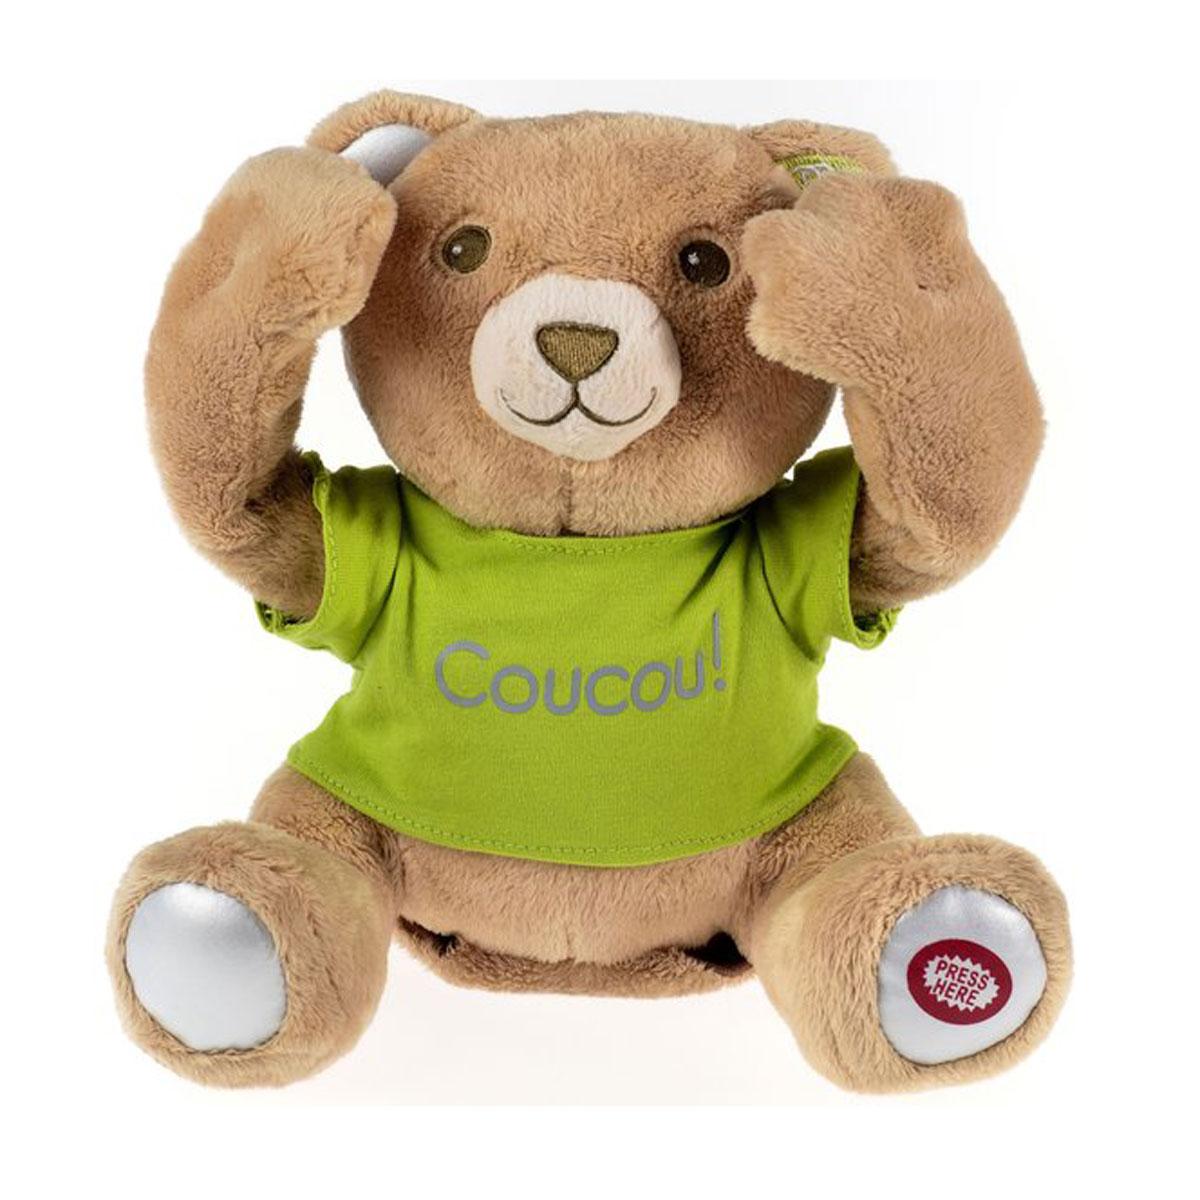 PiouPiou Merveilles Мягкая игрушка Мишка, 22 смCoucouBBИнтерактивная игрушка PiouPiou Merveilles выполнена в виде очень милого медвежонка. Такая игрушка приведет в восторг любого ребенка. Очаровательный медвежонок покрыт мягким и приятным на ощупь искусственным мехом, глазки и носик вышиты нитками. Игрушка одета в футболку салатового цвета. При нажатии на левую пятку мишка открывает лапками глаза и начинает смеяться, играя с ребенком в прятки. Игры с интерактивным мишкой способствуют эмоциональному развитию ребенка, а также помогут ему развить ответственность, внимание и воображение. Замечательный медвежонок непременно станет лучшим другом малыша. Для работы необходимы 2 батарейки напряжением 1,5V типа AA (входят в комплект).